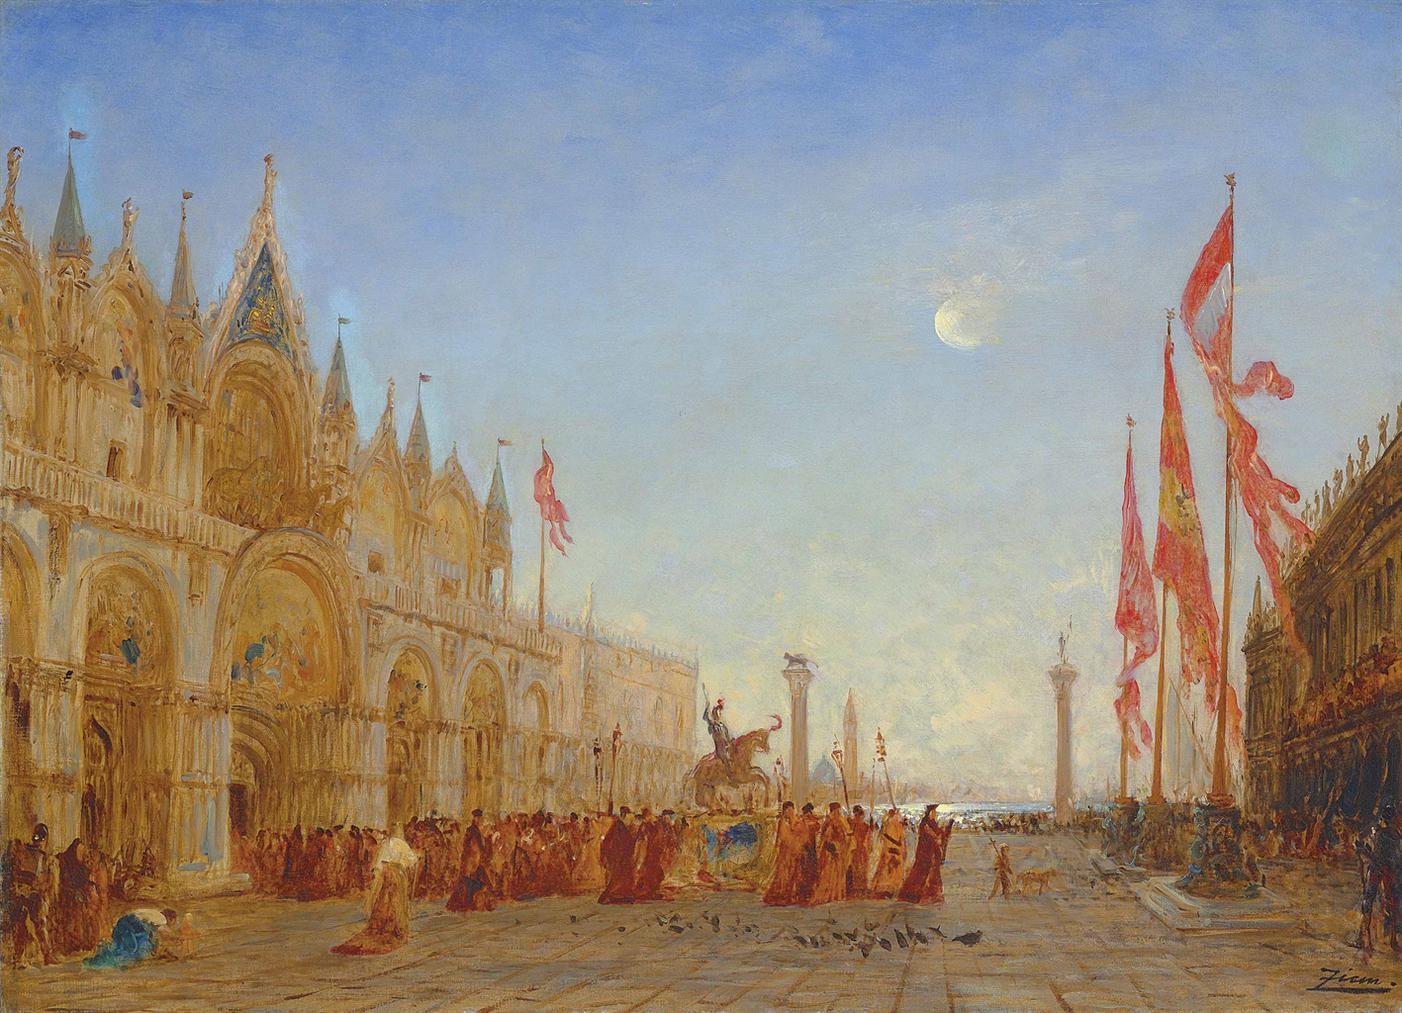 Felix Ziem-Le Triomphe De Saint Georges Majeur-